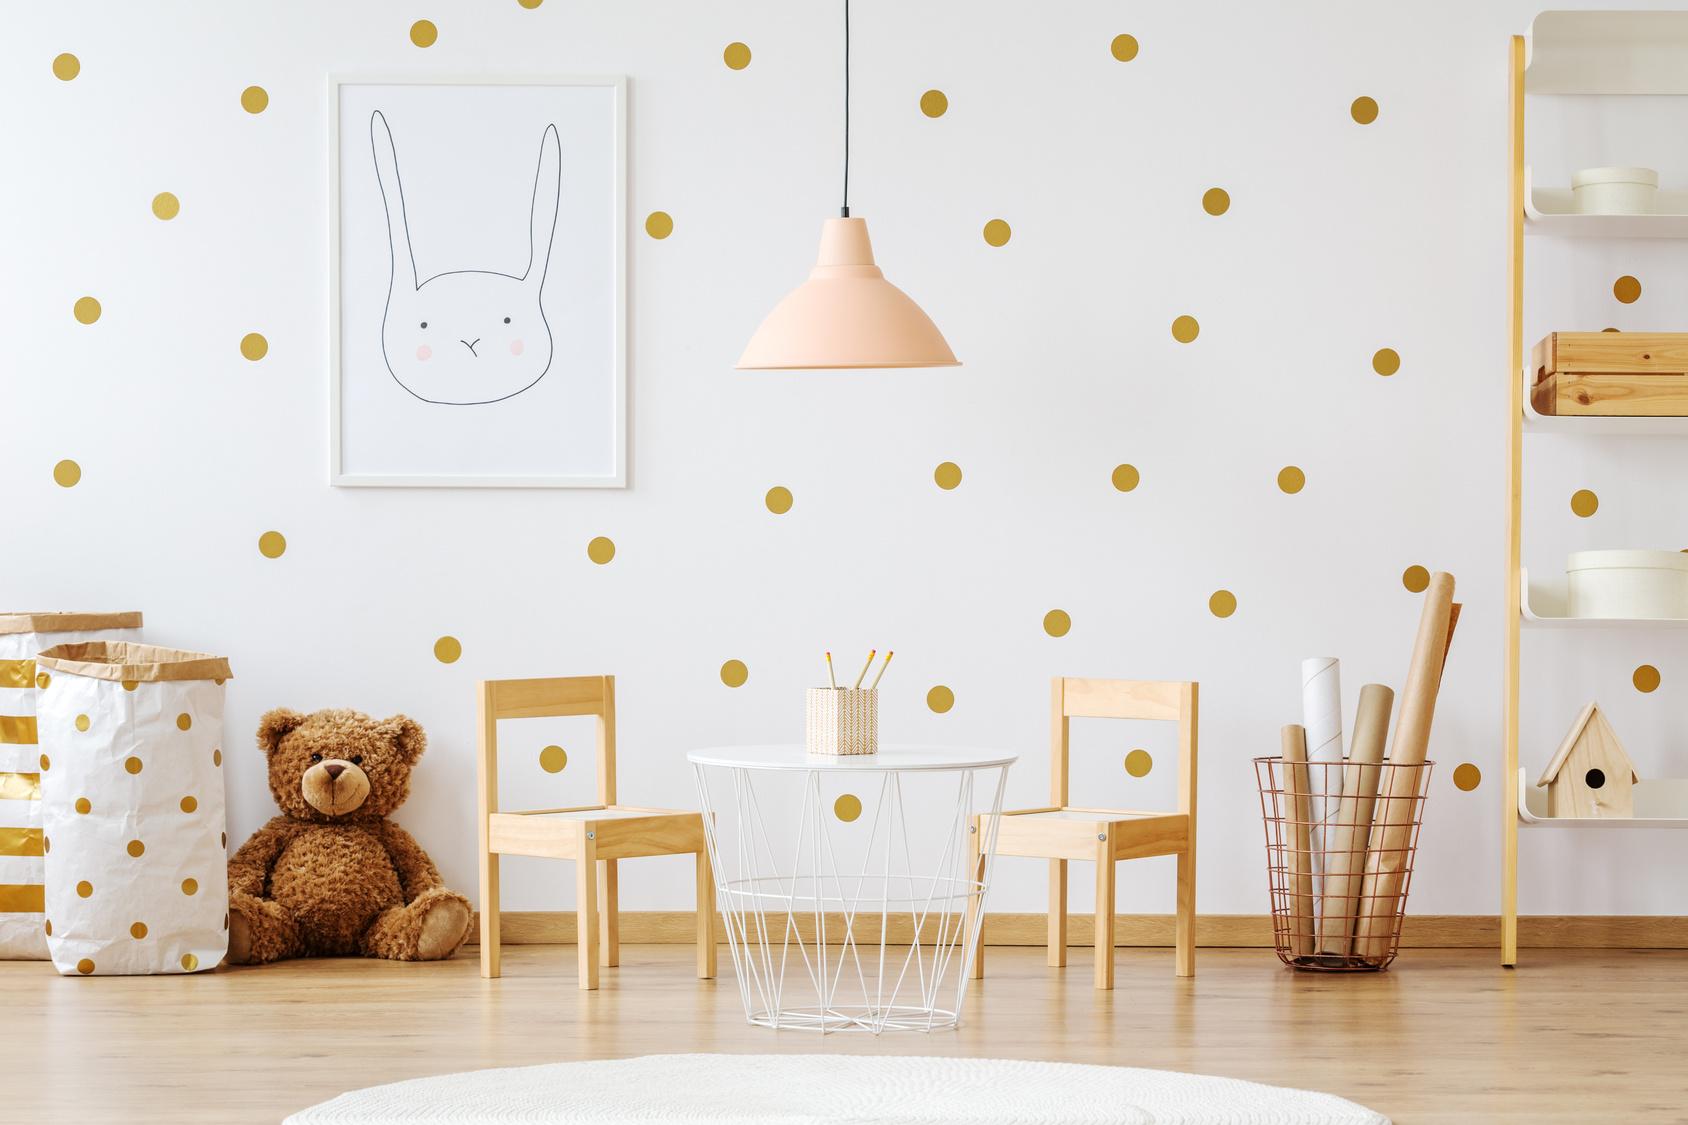 Fototapeten für Kinderzimmer